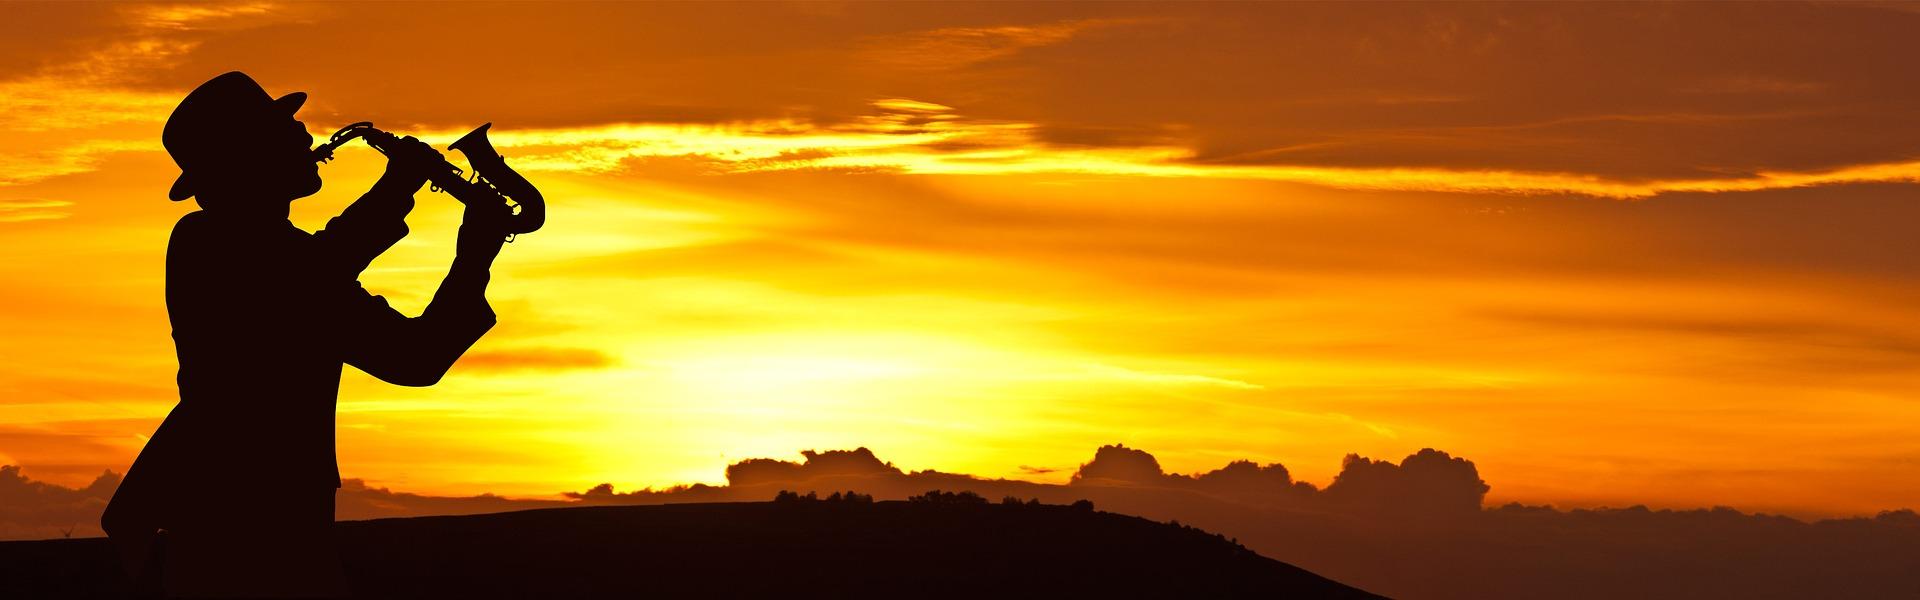 sunrise-2819262_1920